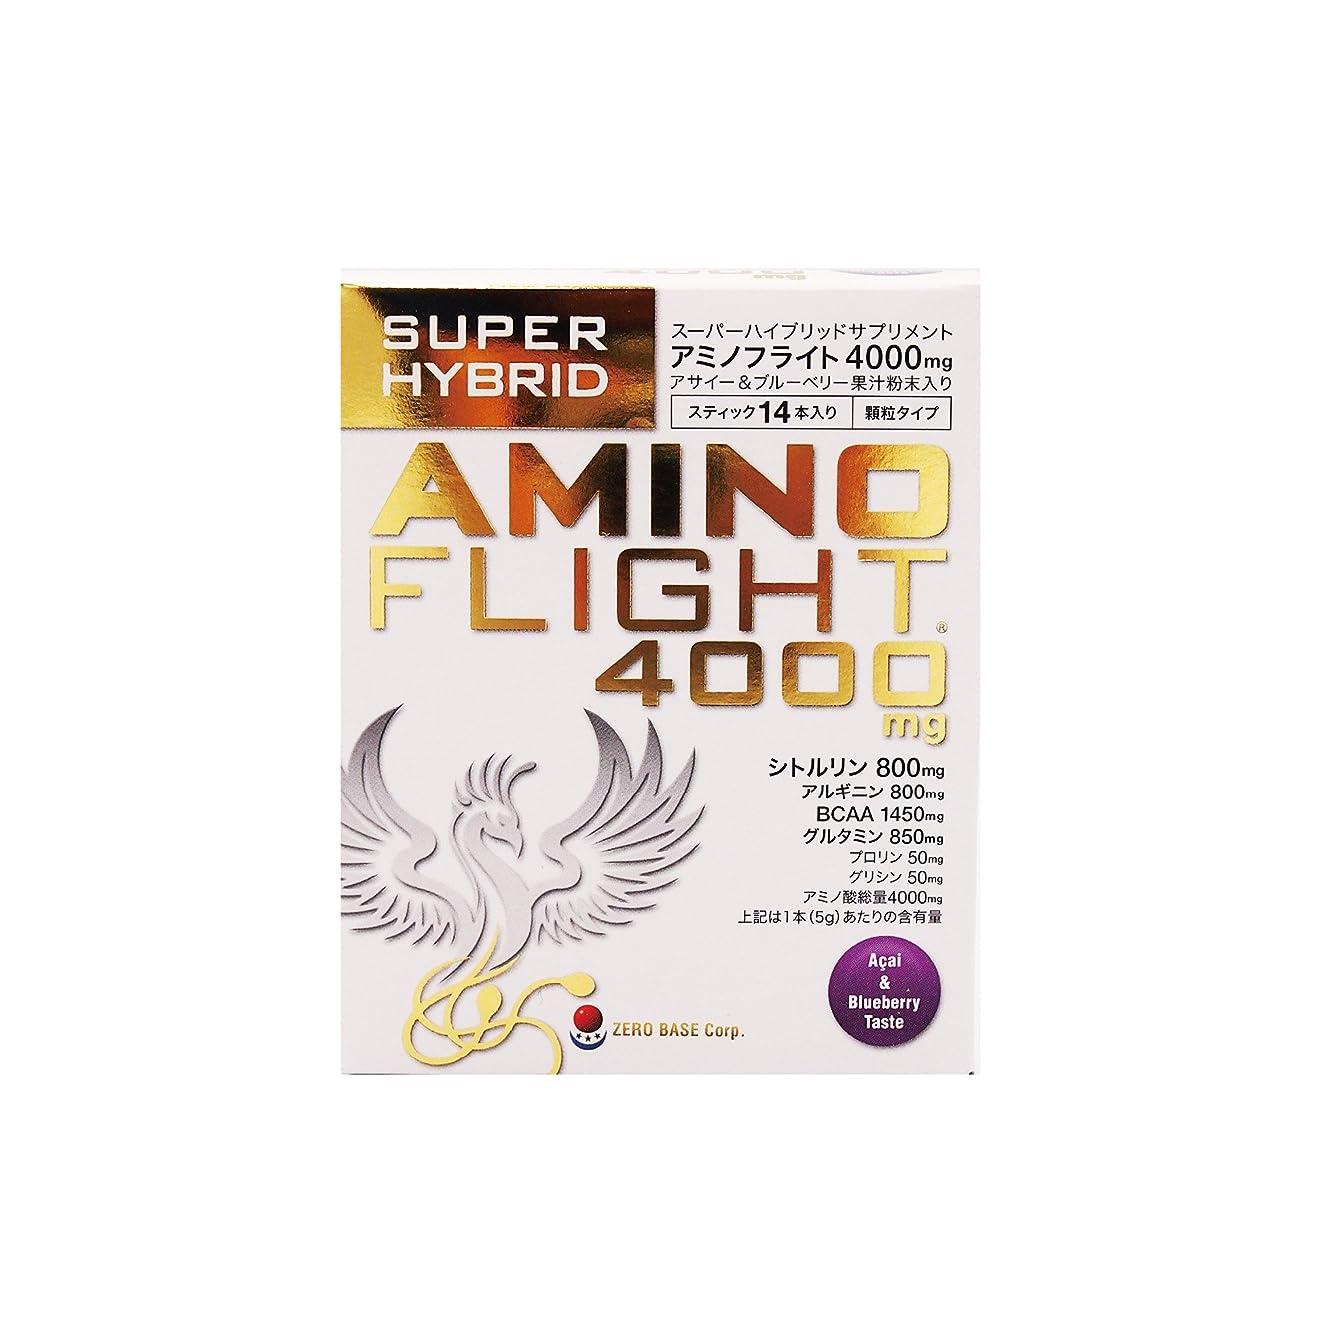 行為滑る調和のとれたアミノフライト 4000mg 5g×14本入り アサイー&ブルーベリー風味 顆粒タイプ